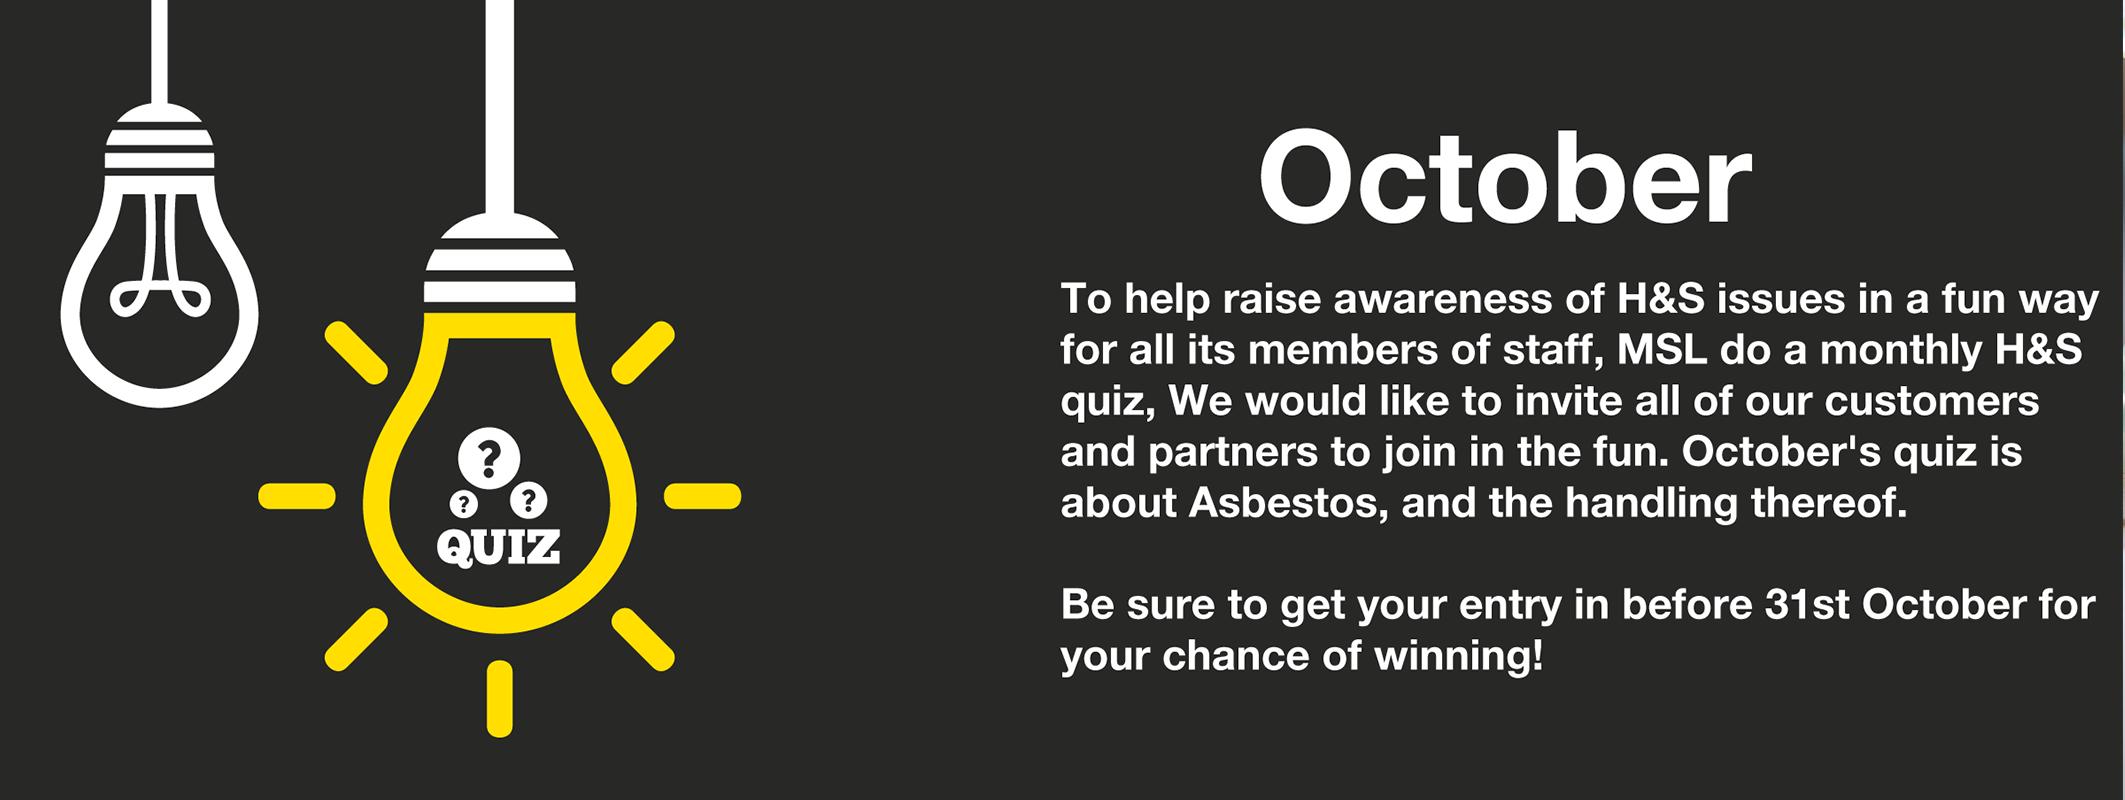 MSL October 2016 Quiz - Asbestos